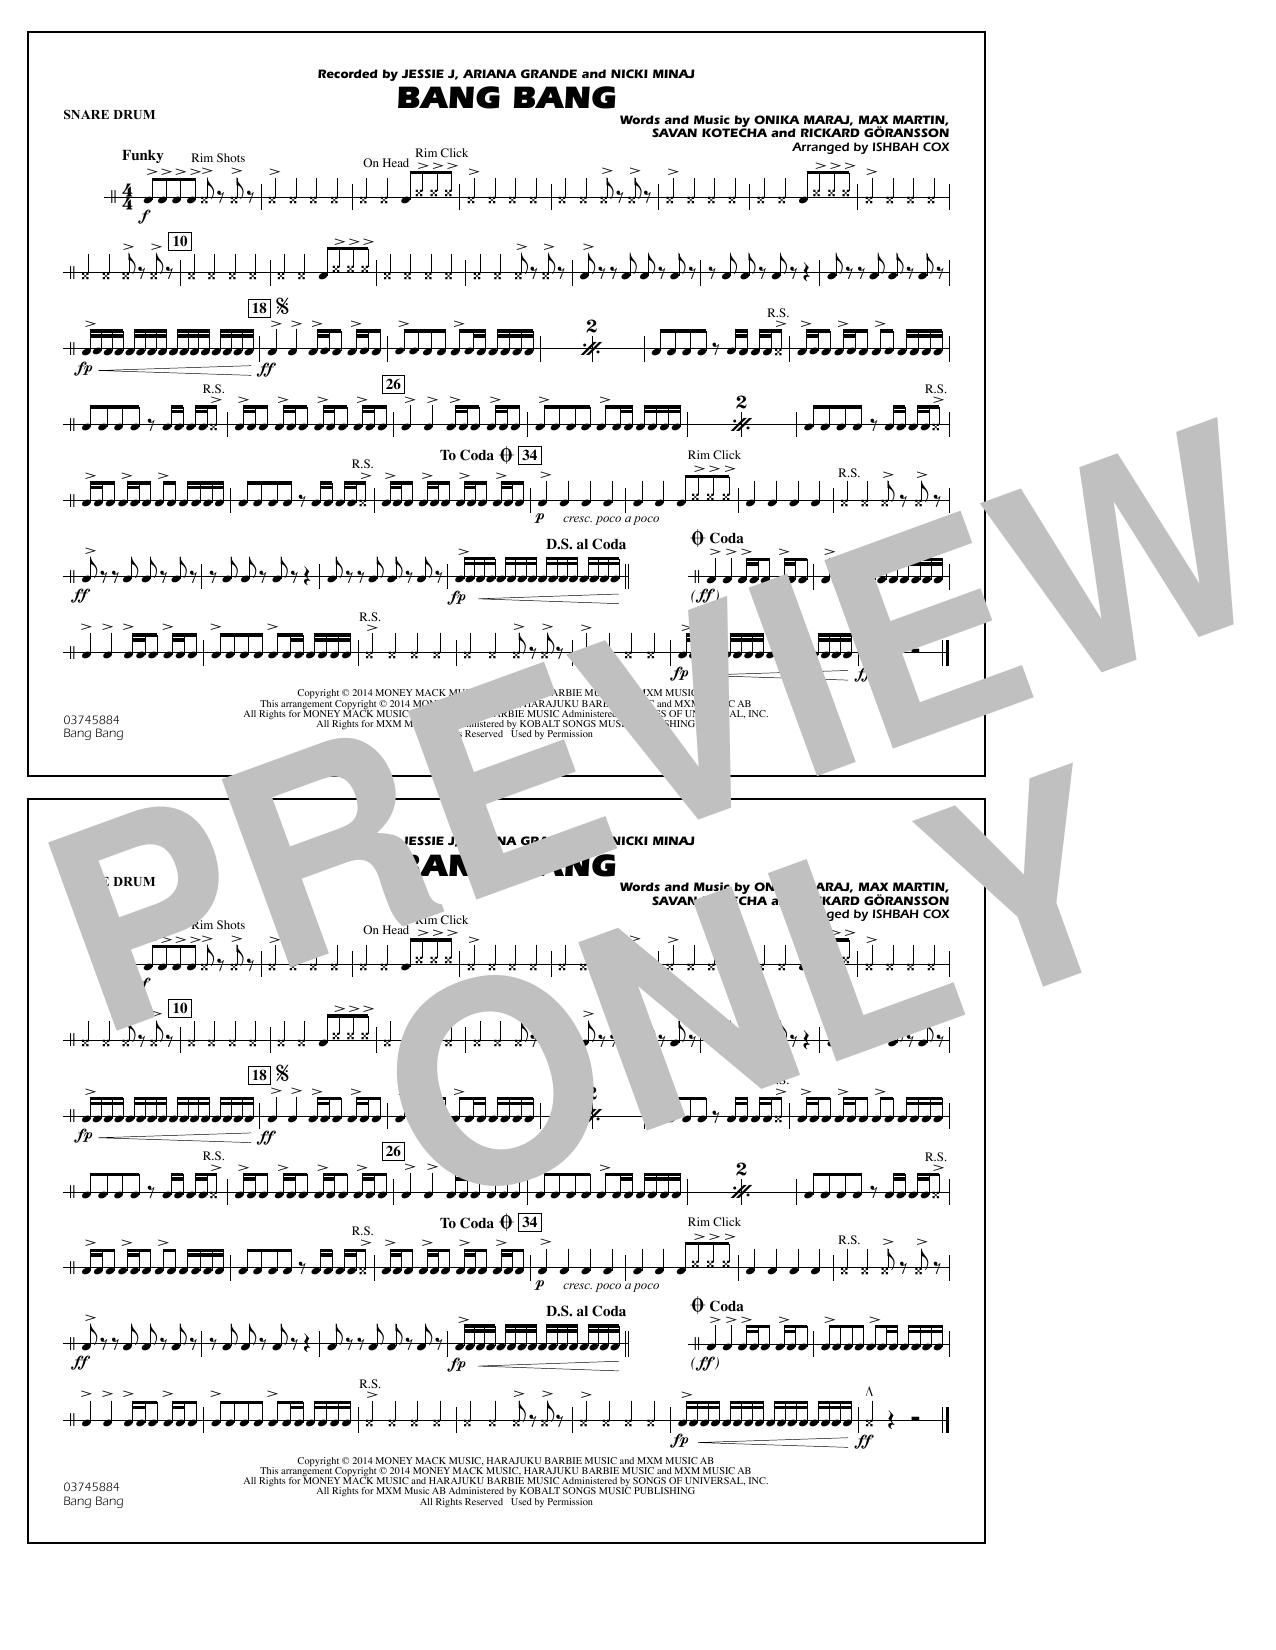 Ishbah Cox Bang Bang - Snare Drum sheet music notes and chords. Download Printable PDF.